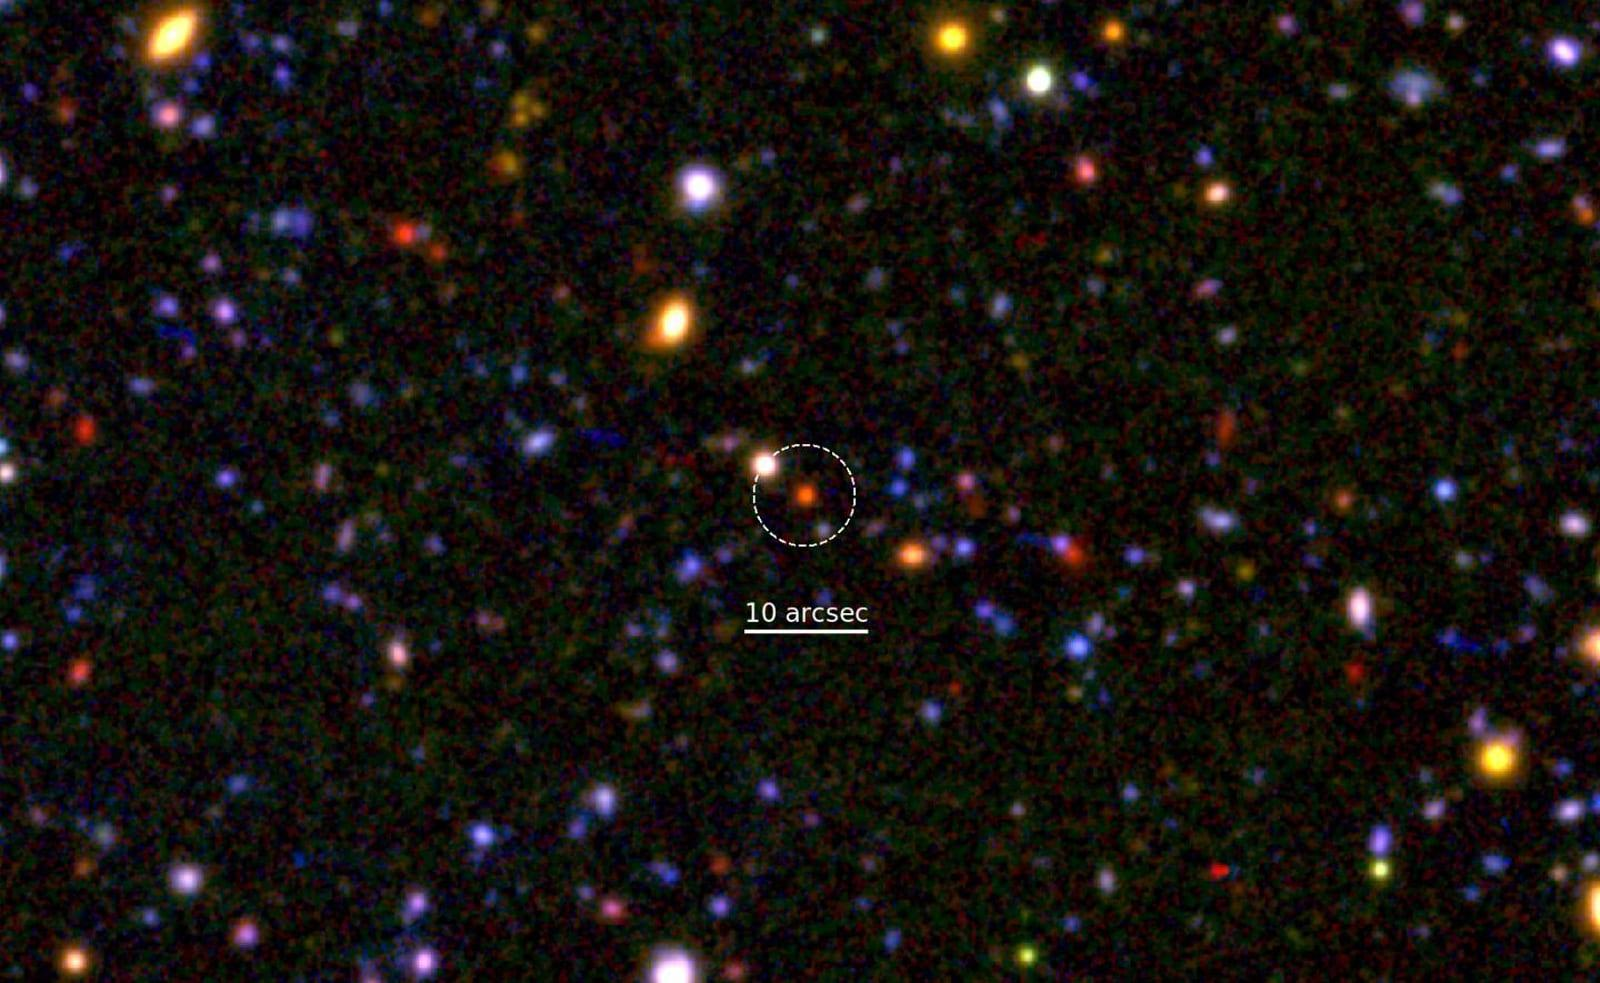 新發現指出早年的星系有些有著極短的壽命 - Engadget 中文版